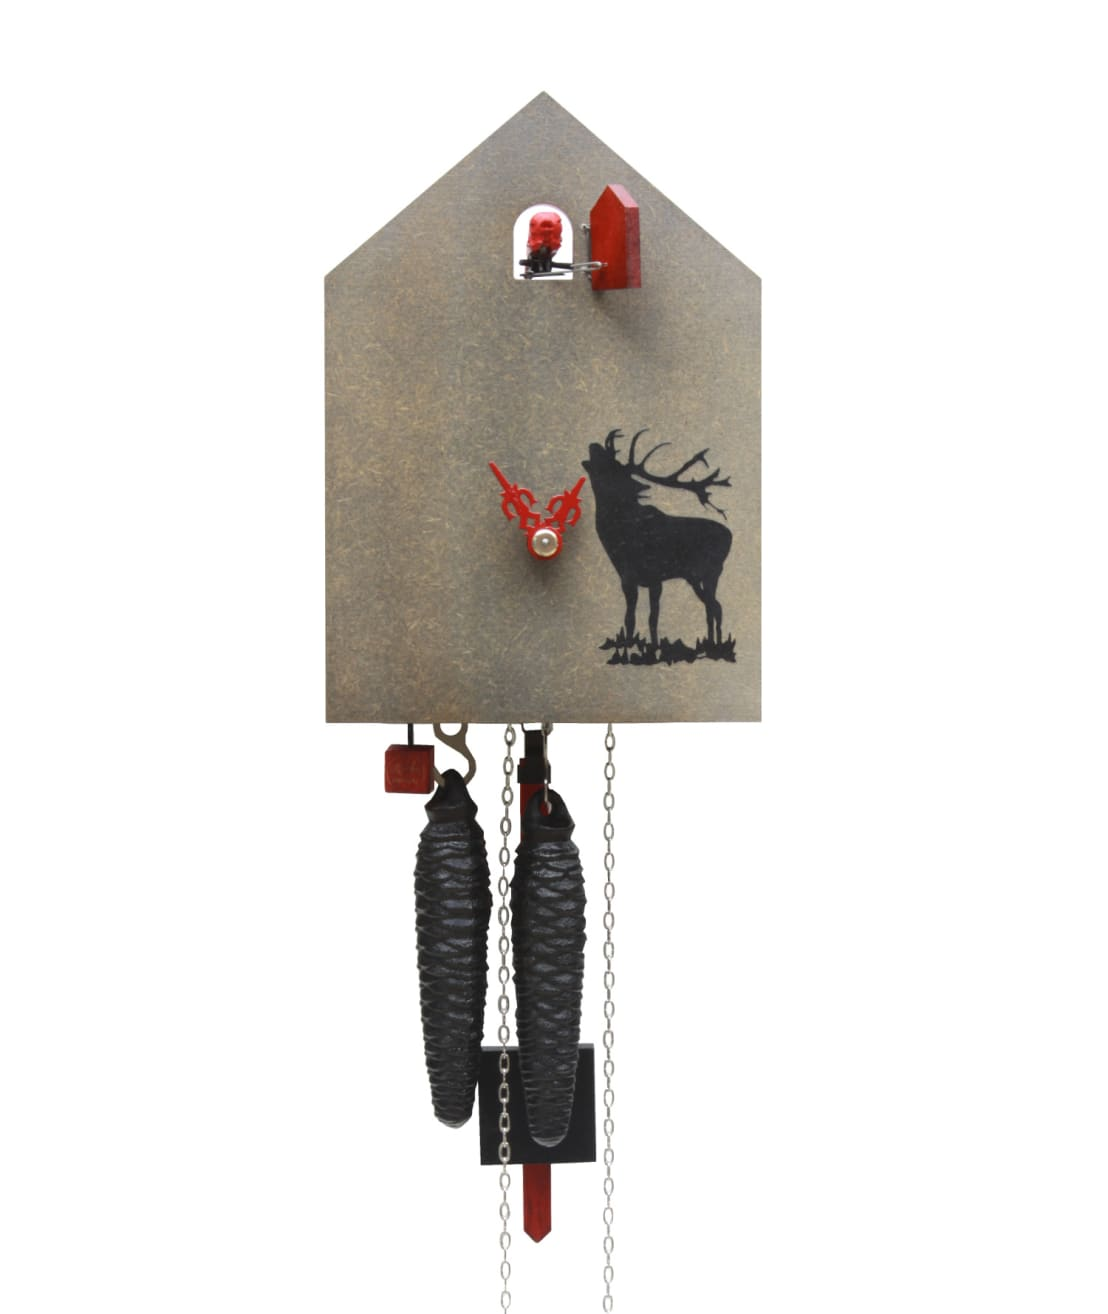 kuckucksuhr modern in grau mit direktem blick auf den kuckuck von rombach und haas por. Black Bedroom Furniture Sets. Home Design Ideas